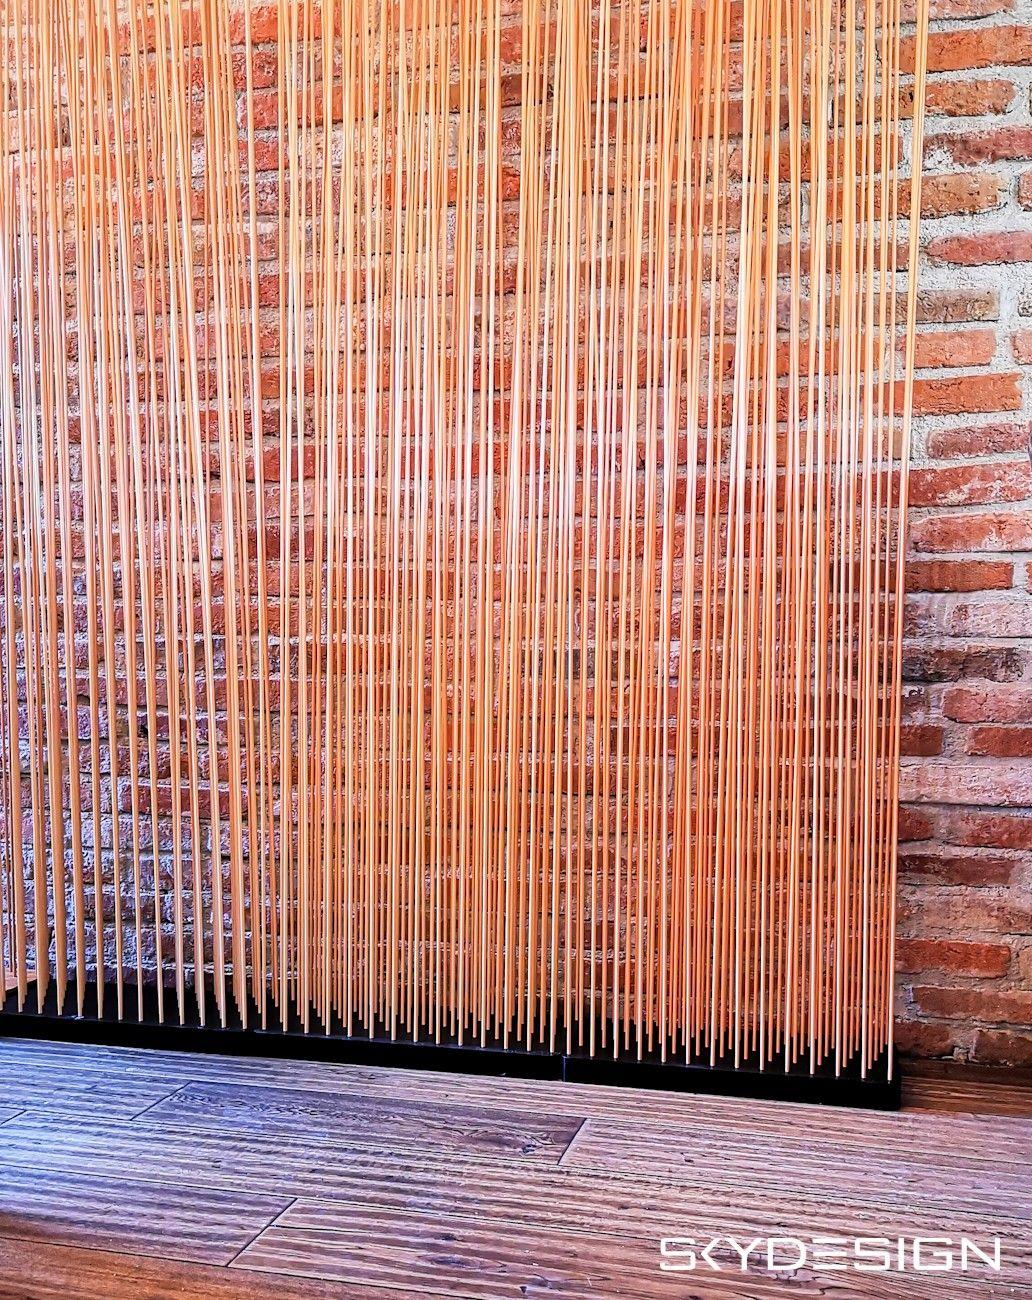 Full Size of Paravent Bambus Raumteiler Raumtrenner Fr Innen Und Auen Wollen Garten Bett Wohnzimmer Paravent Bambus